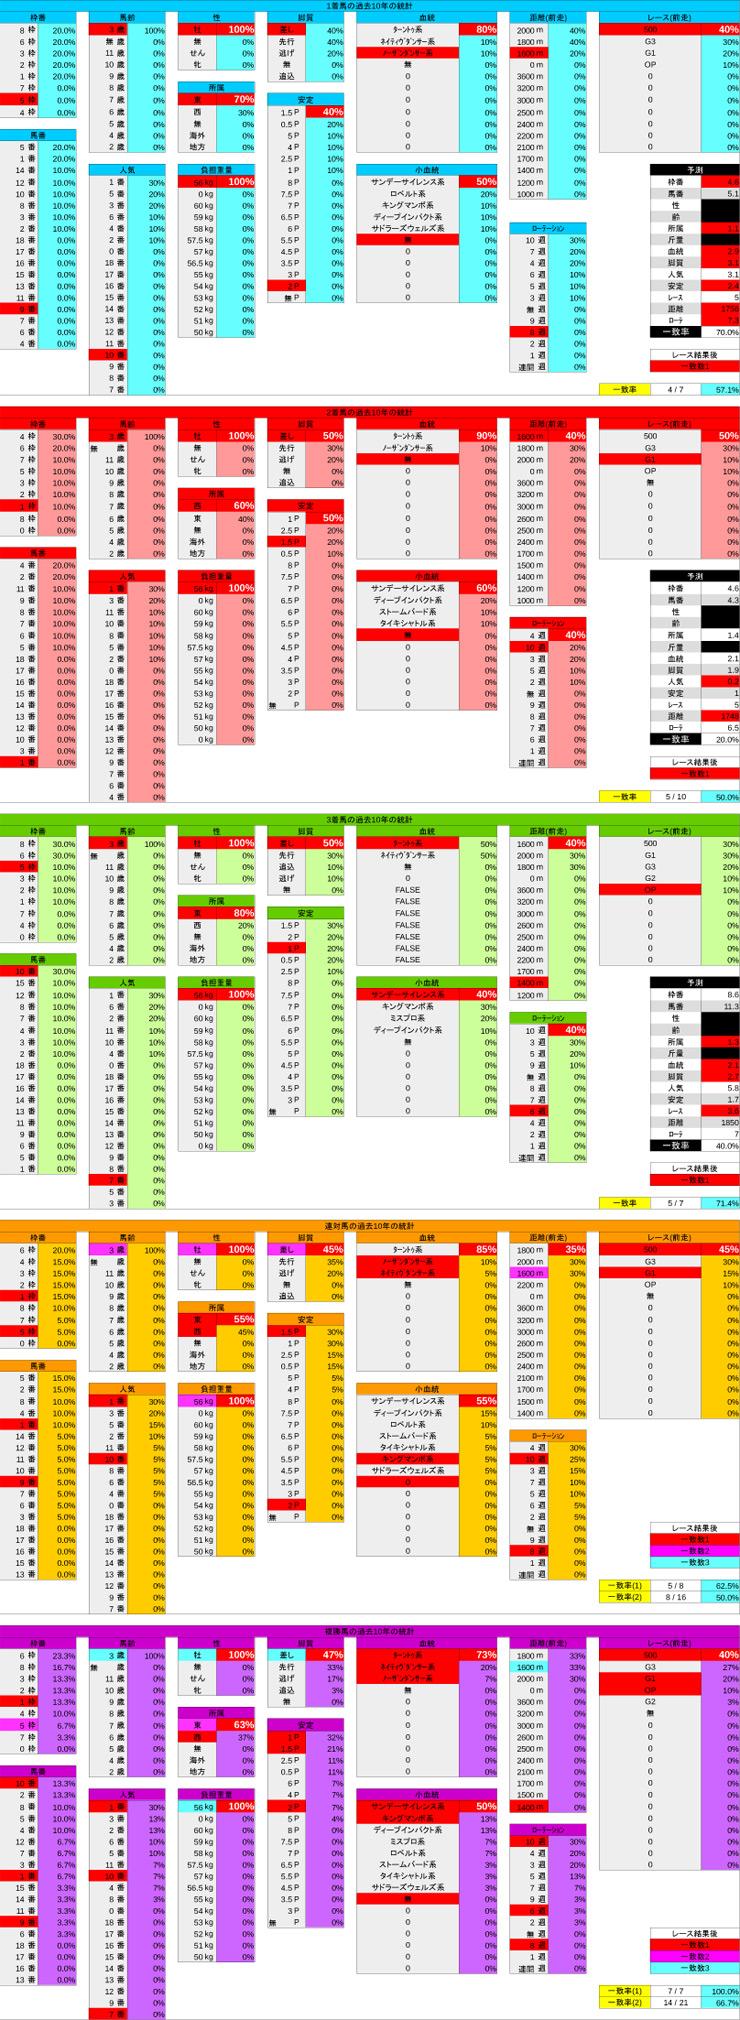 0317_統計結果_スプリングS